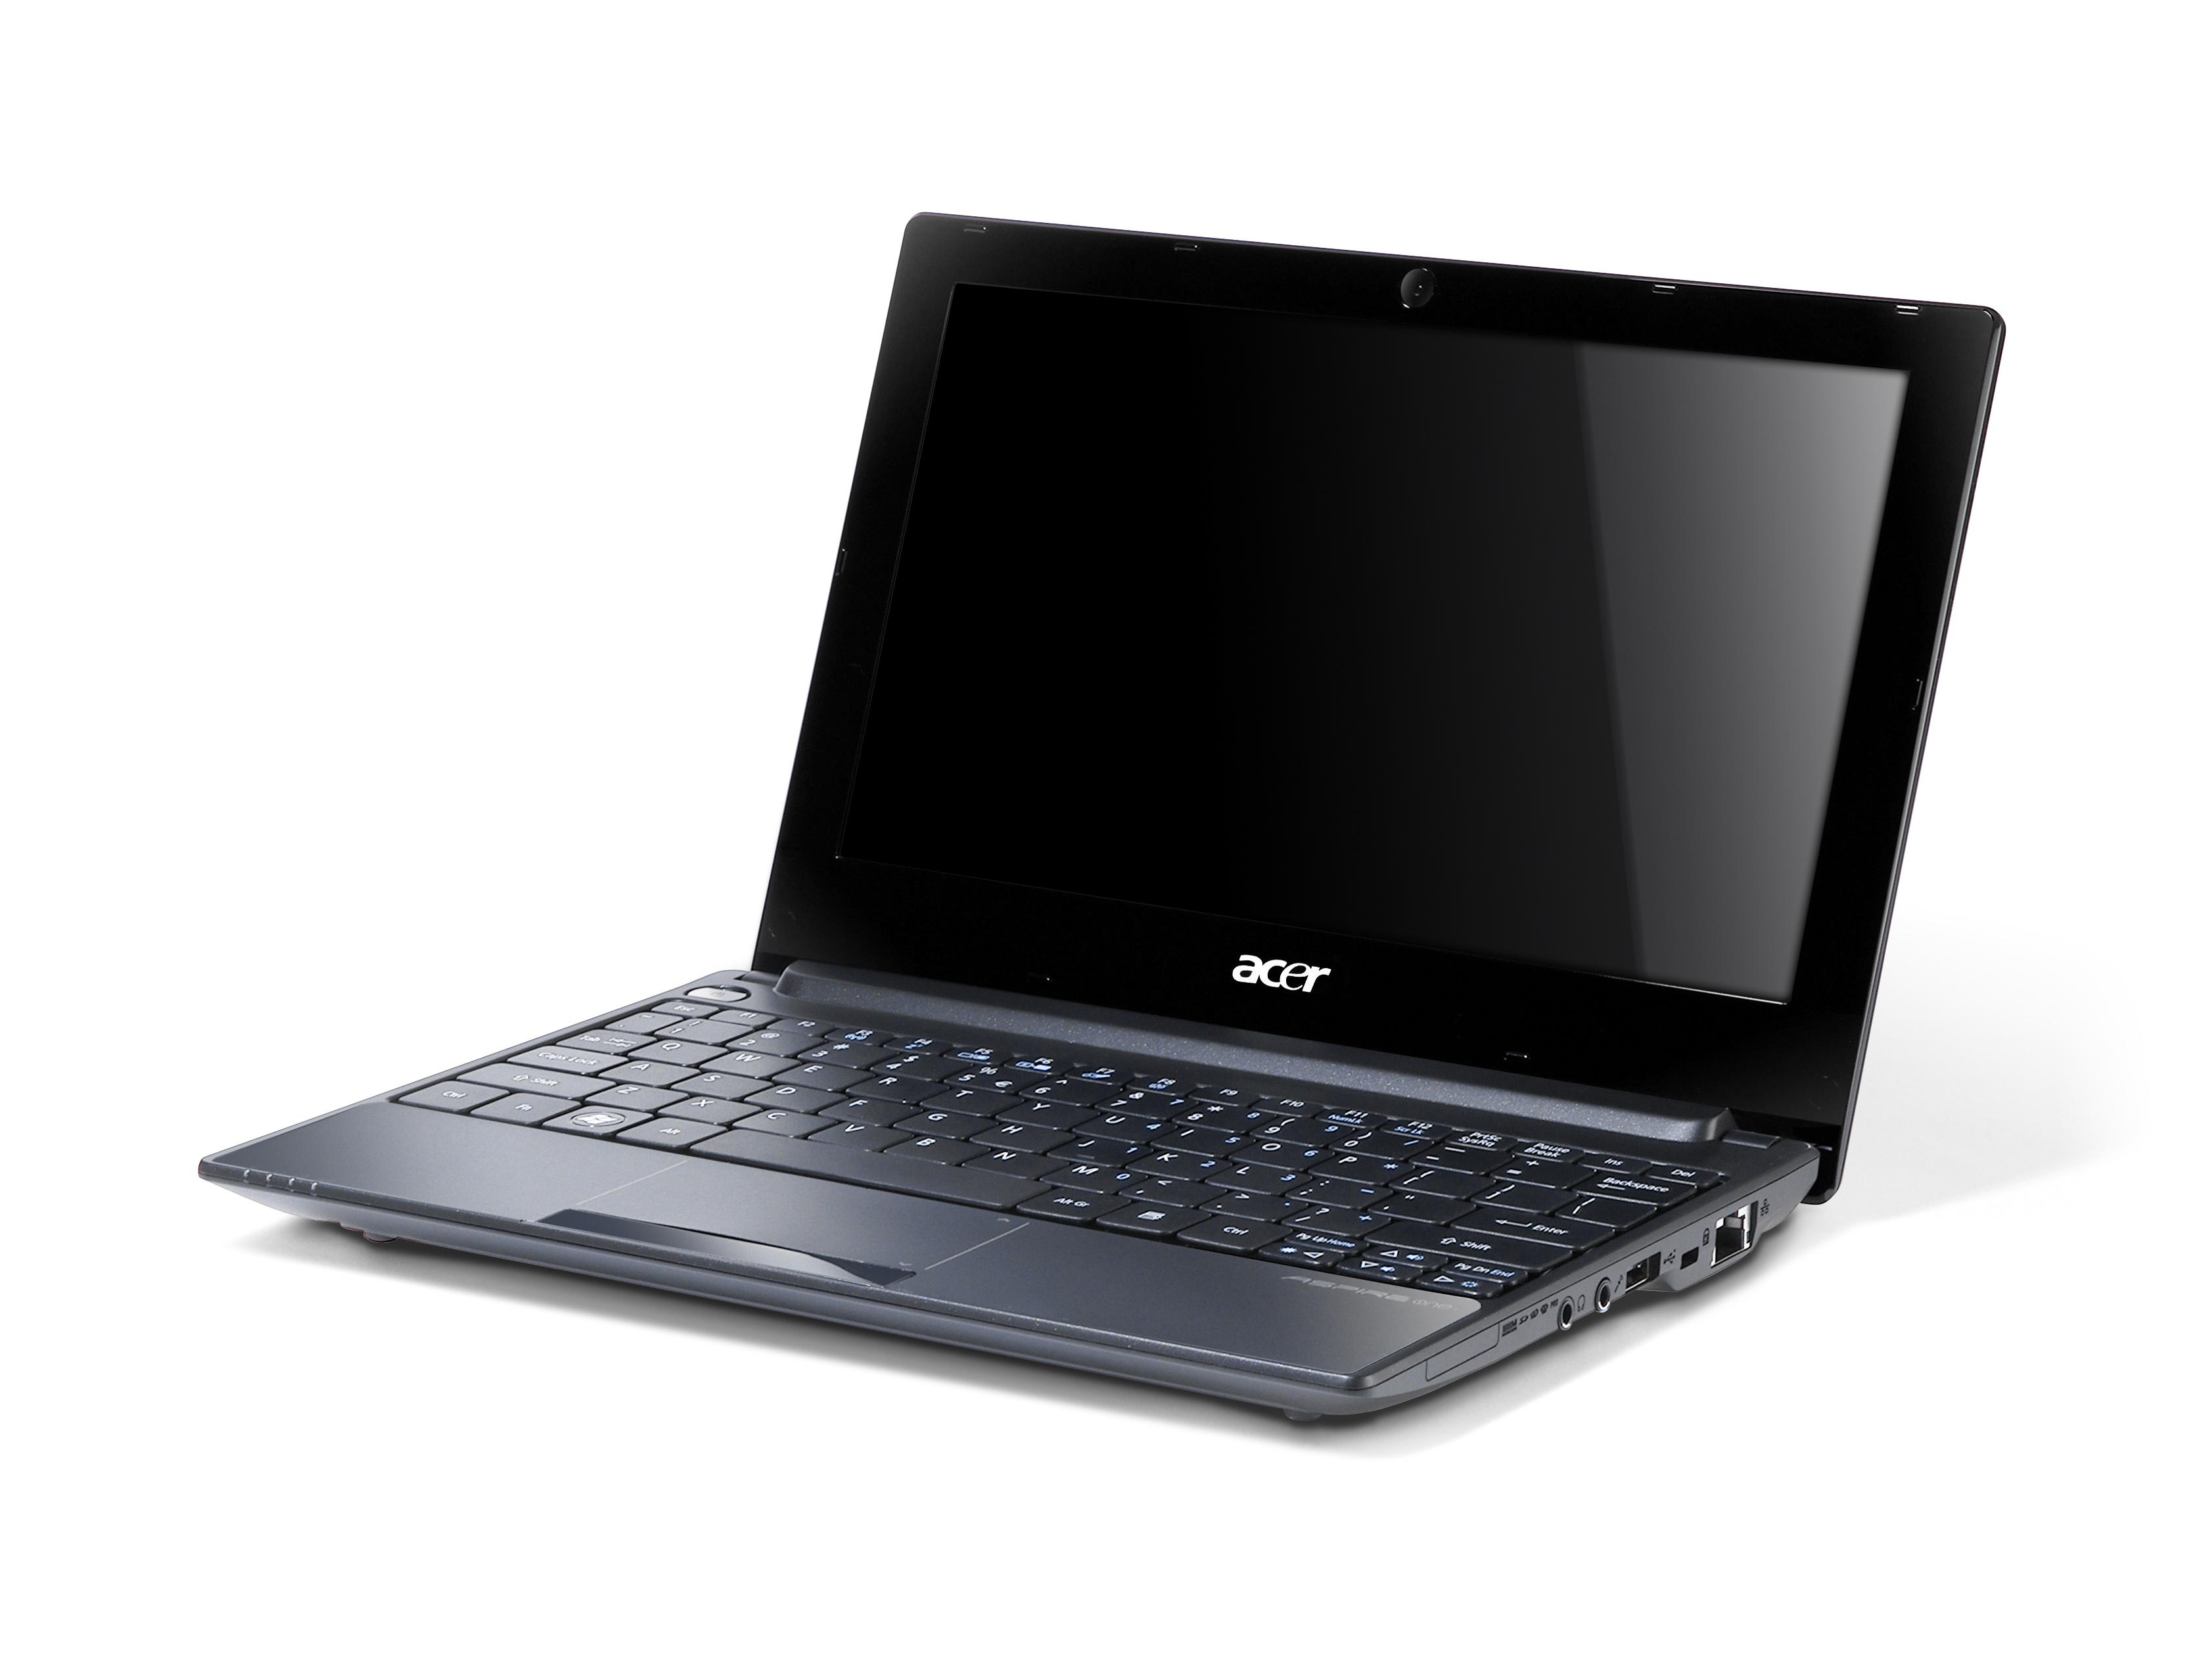 Netbook Racunari Racunar Net Laptop Cene